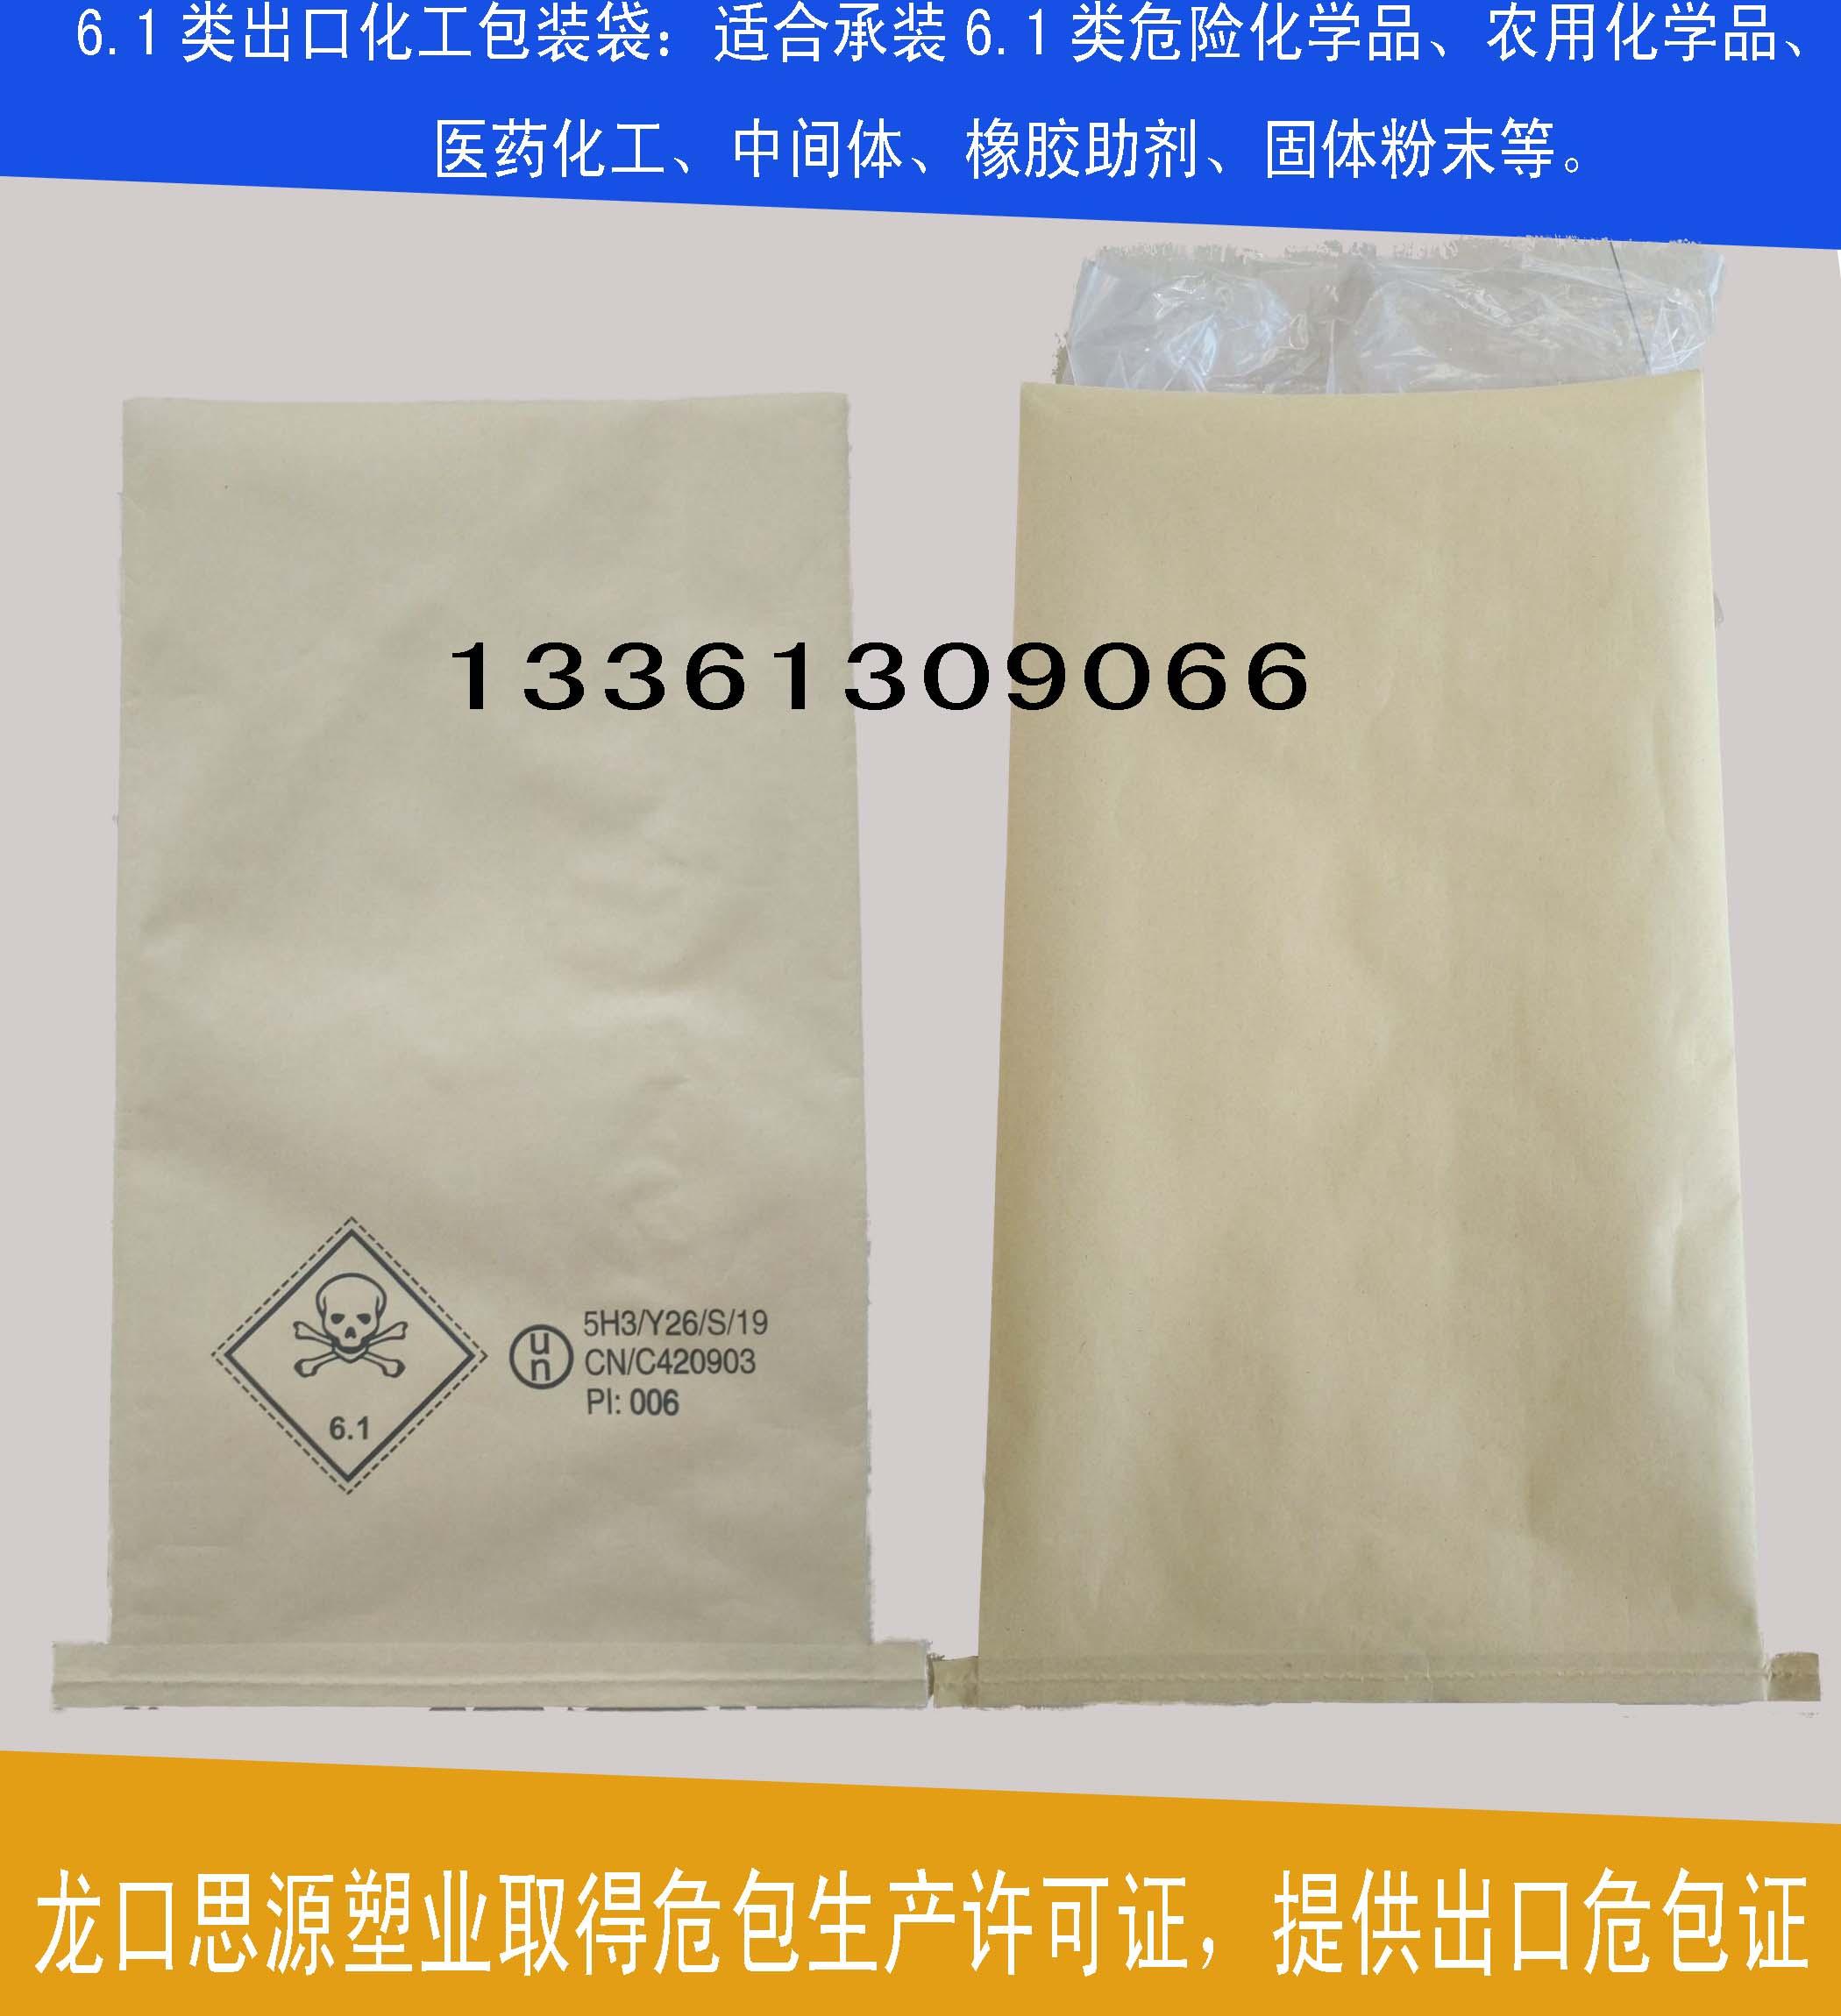 【纸袋子】_纸袋子品牌/图片/价格_纸袋子批发_阿里巴巴